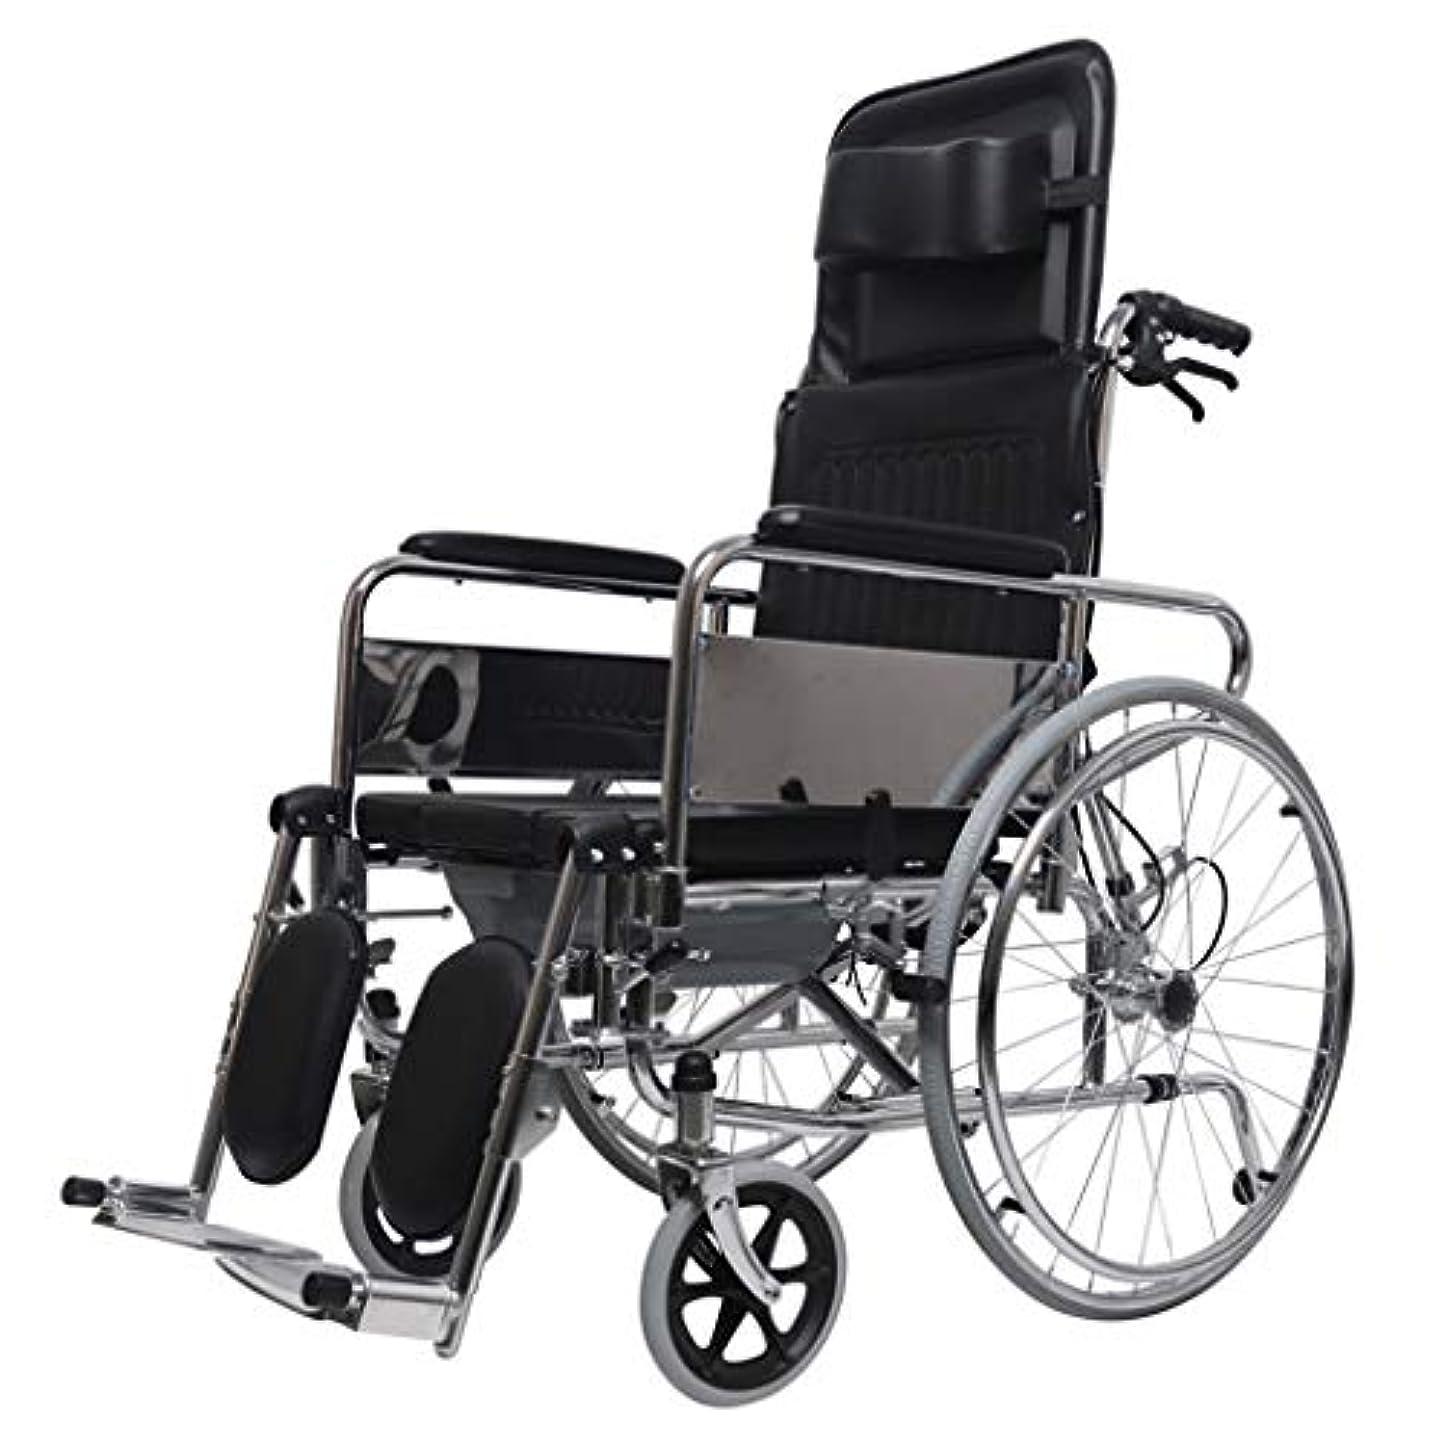 単なる飢契約する車椅子トロリー、ブレーキ付き多機能折りたたみ、高齢者向け車椅子、屋外旅行、優れたヘルパー